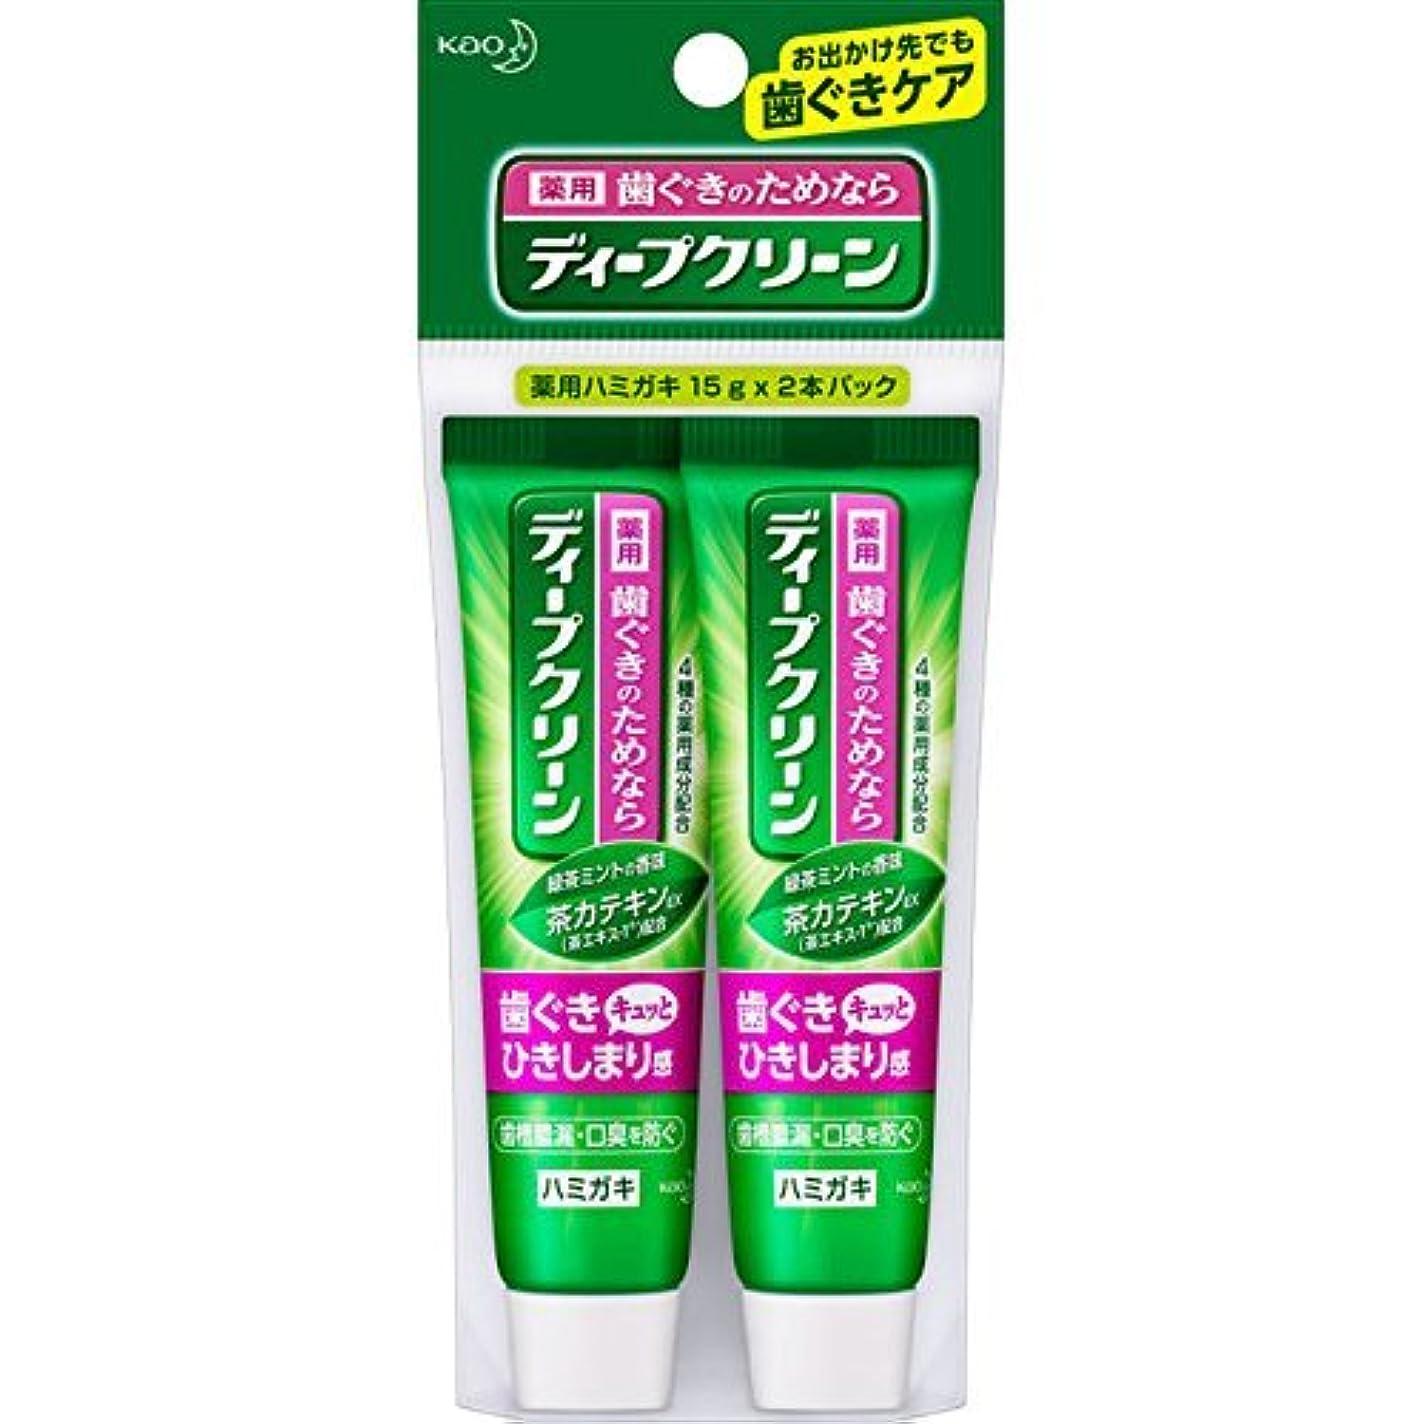 闘争有害な超える花王 ディープクリーン 薬用ハミガキ ミニ 30g (医薬部外品)